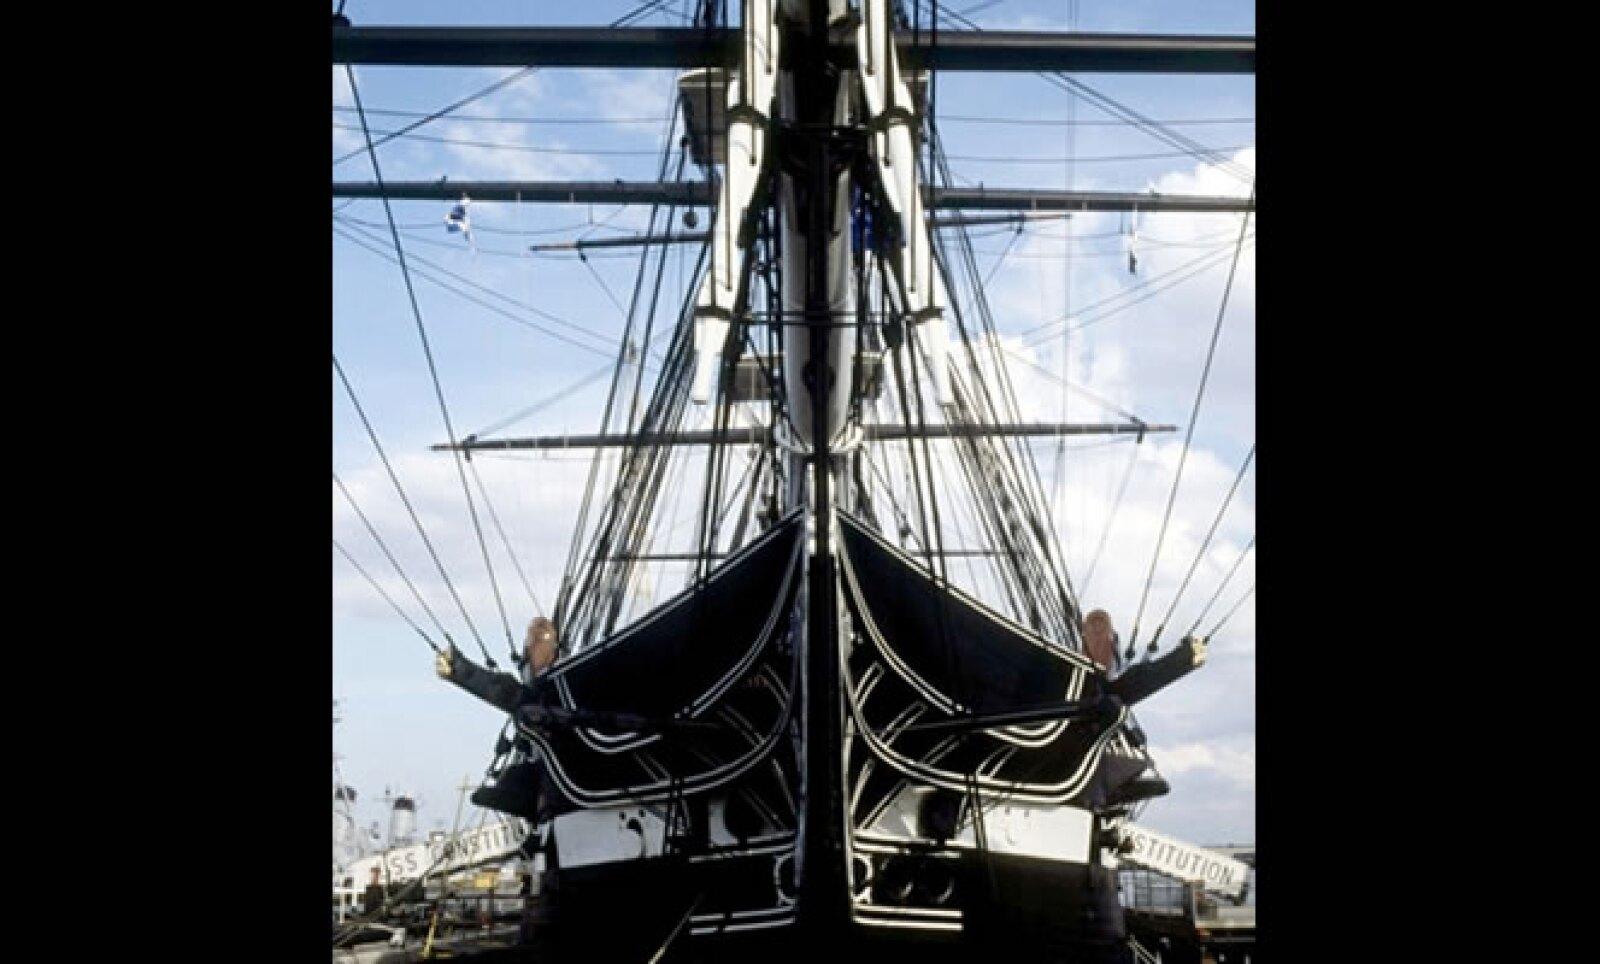 Este barco estuvo en batallas navales contra los inmigrantes ingleses. Luchó 35 veces en altamar, ganando todos sus encuentros.